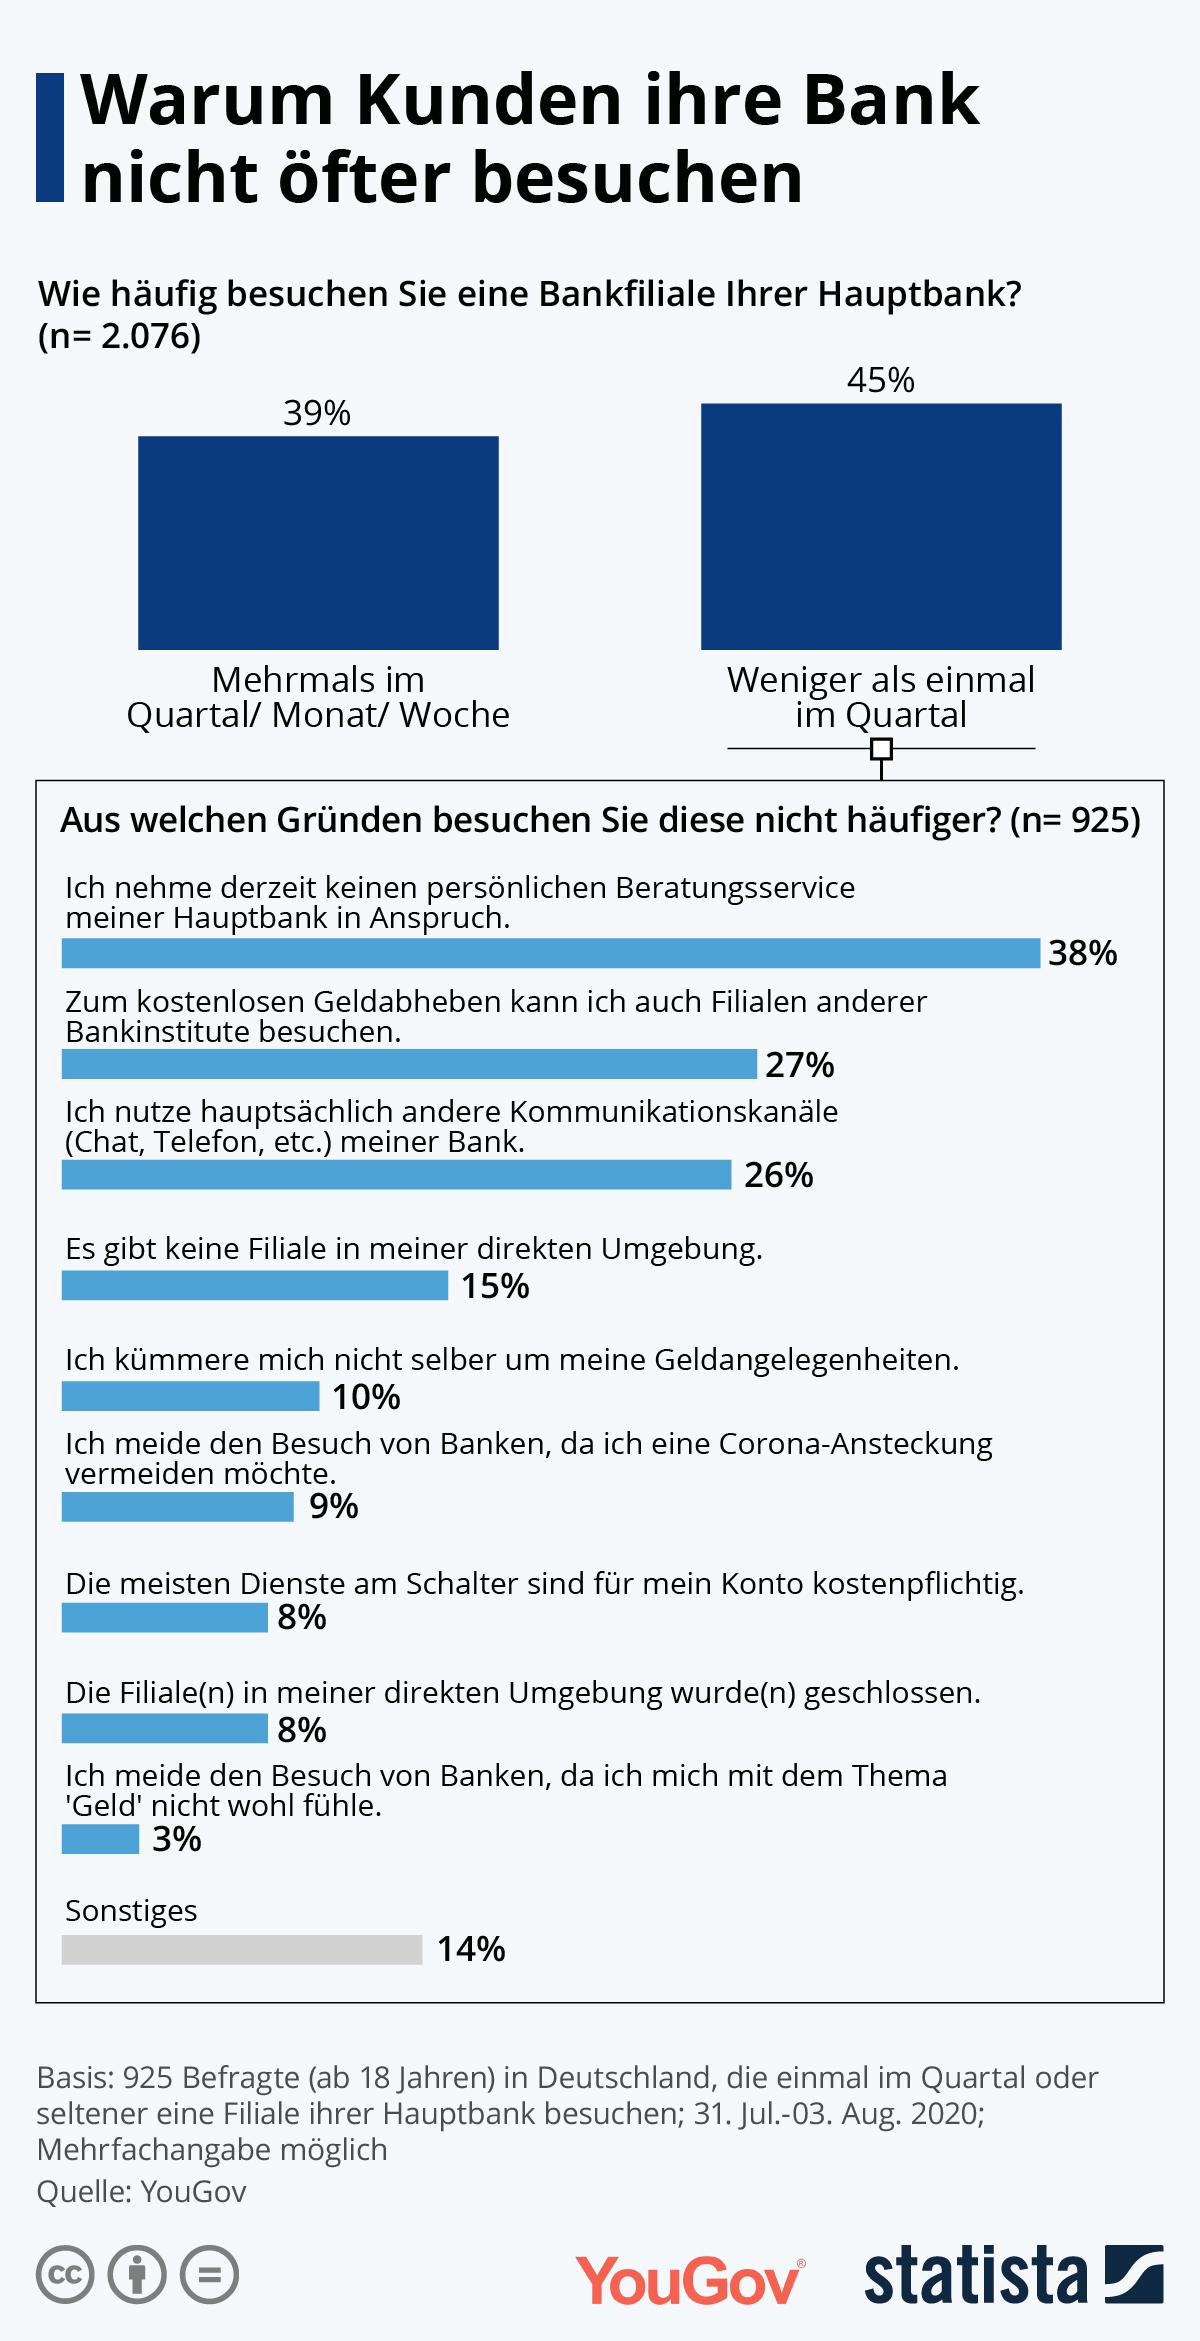 Infografik: Warum Kunden ihre Bank nicht öfter besuchen | Statista